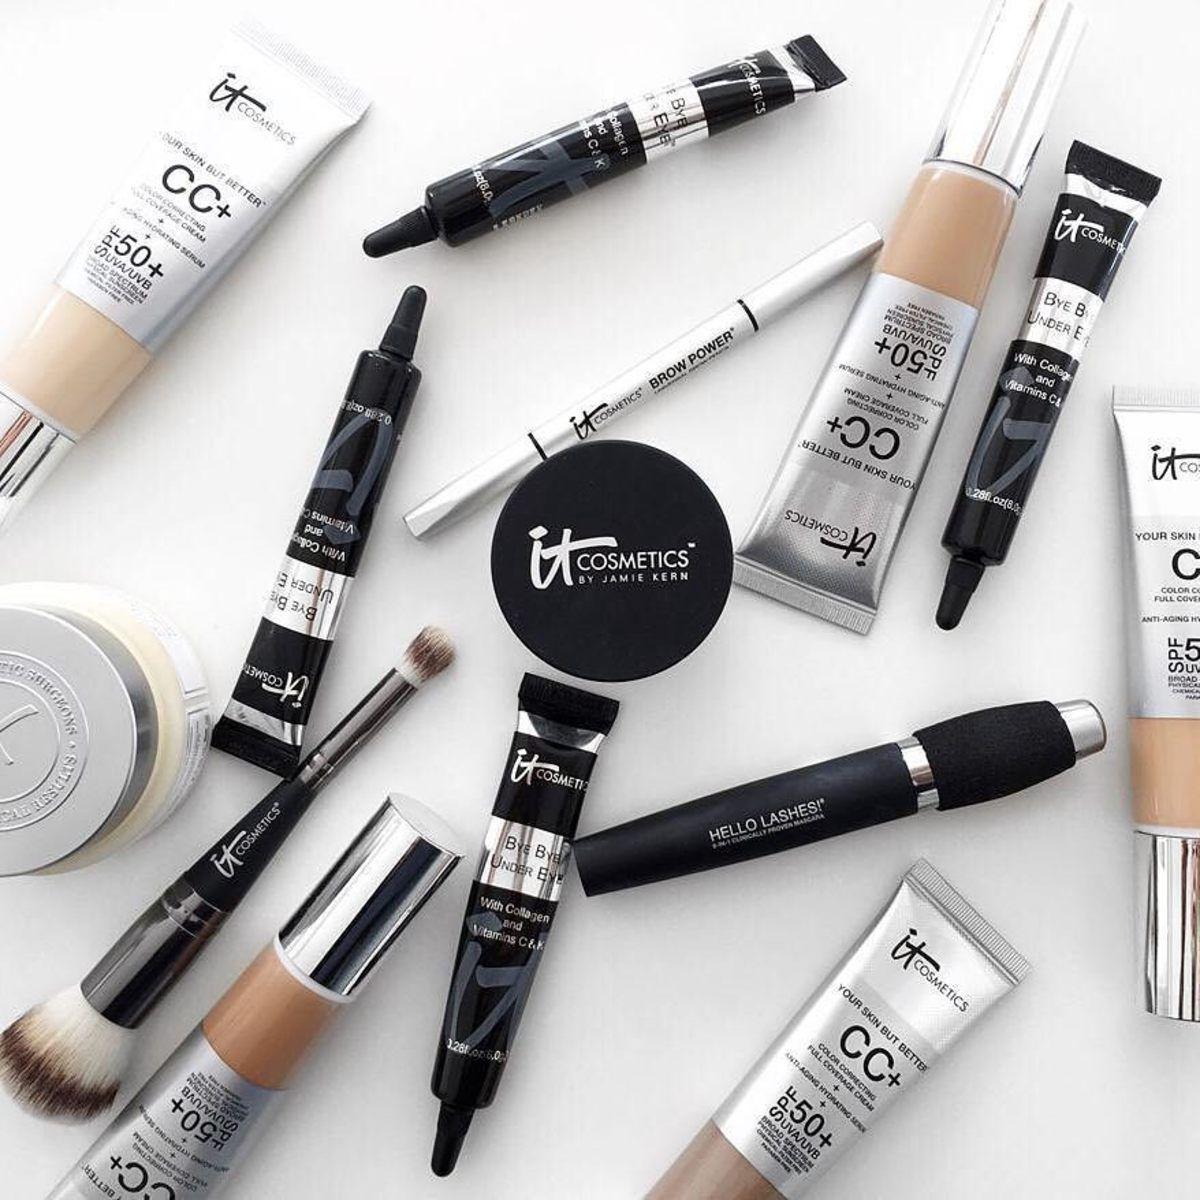 makeup cosmetics Cruelty free makeup, Sephora, Makeup